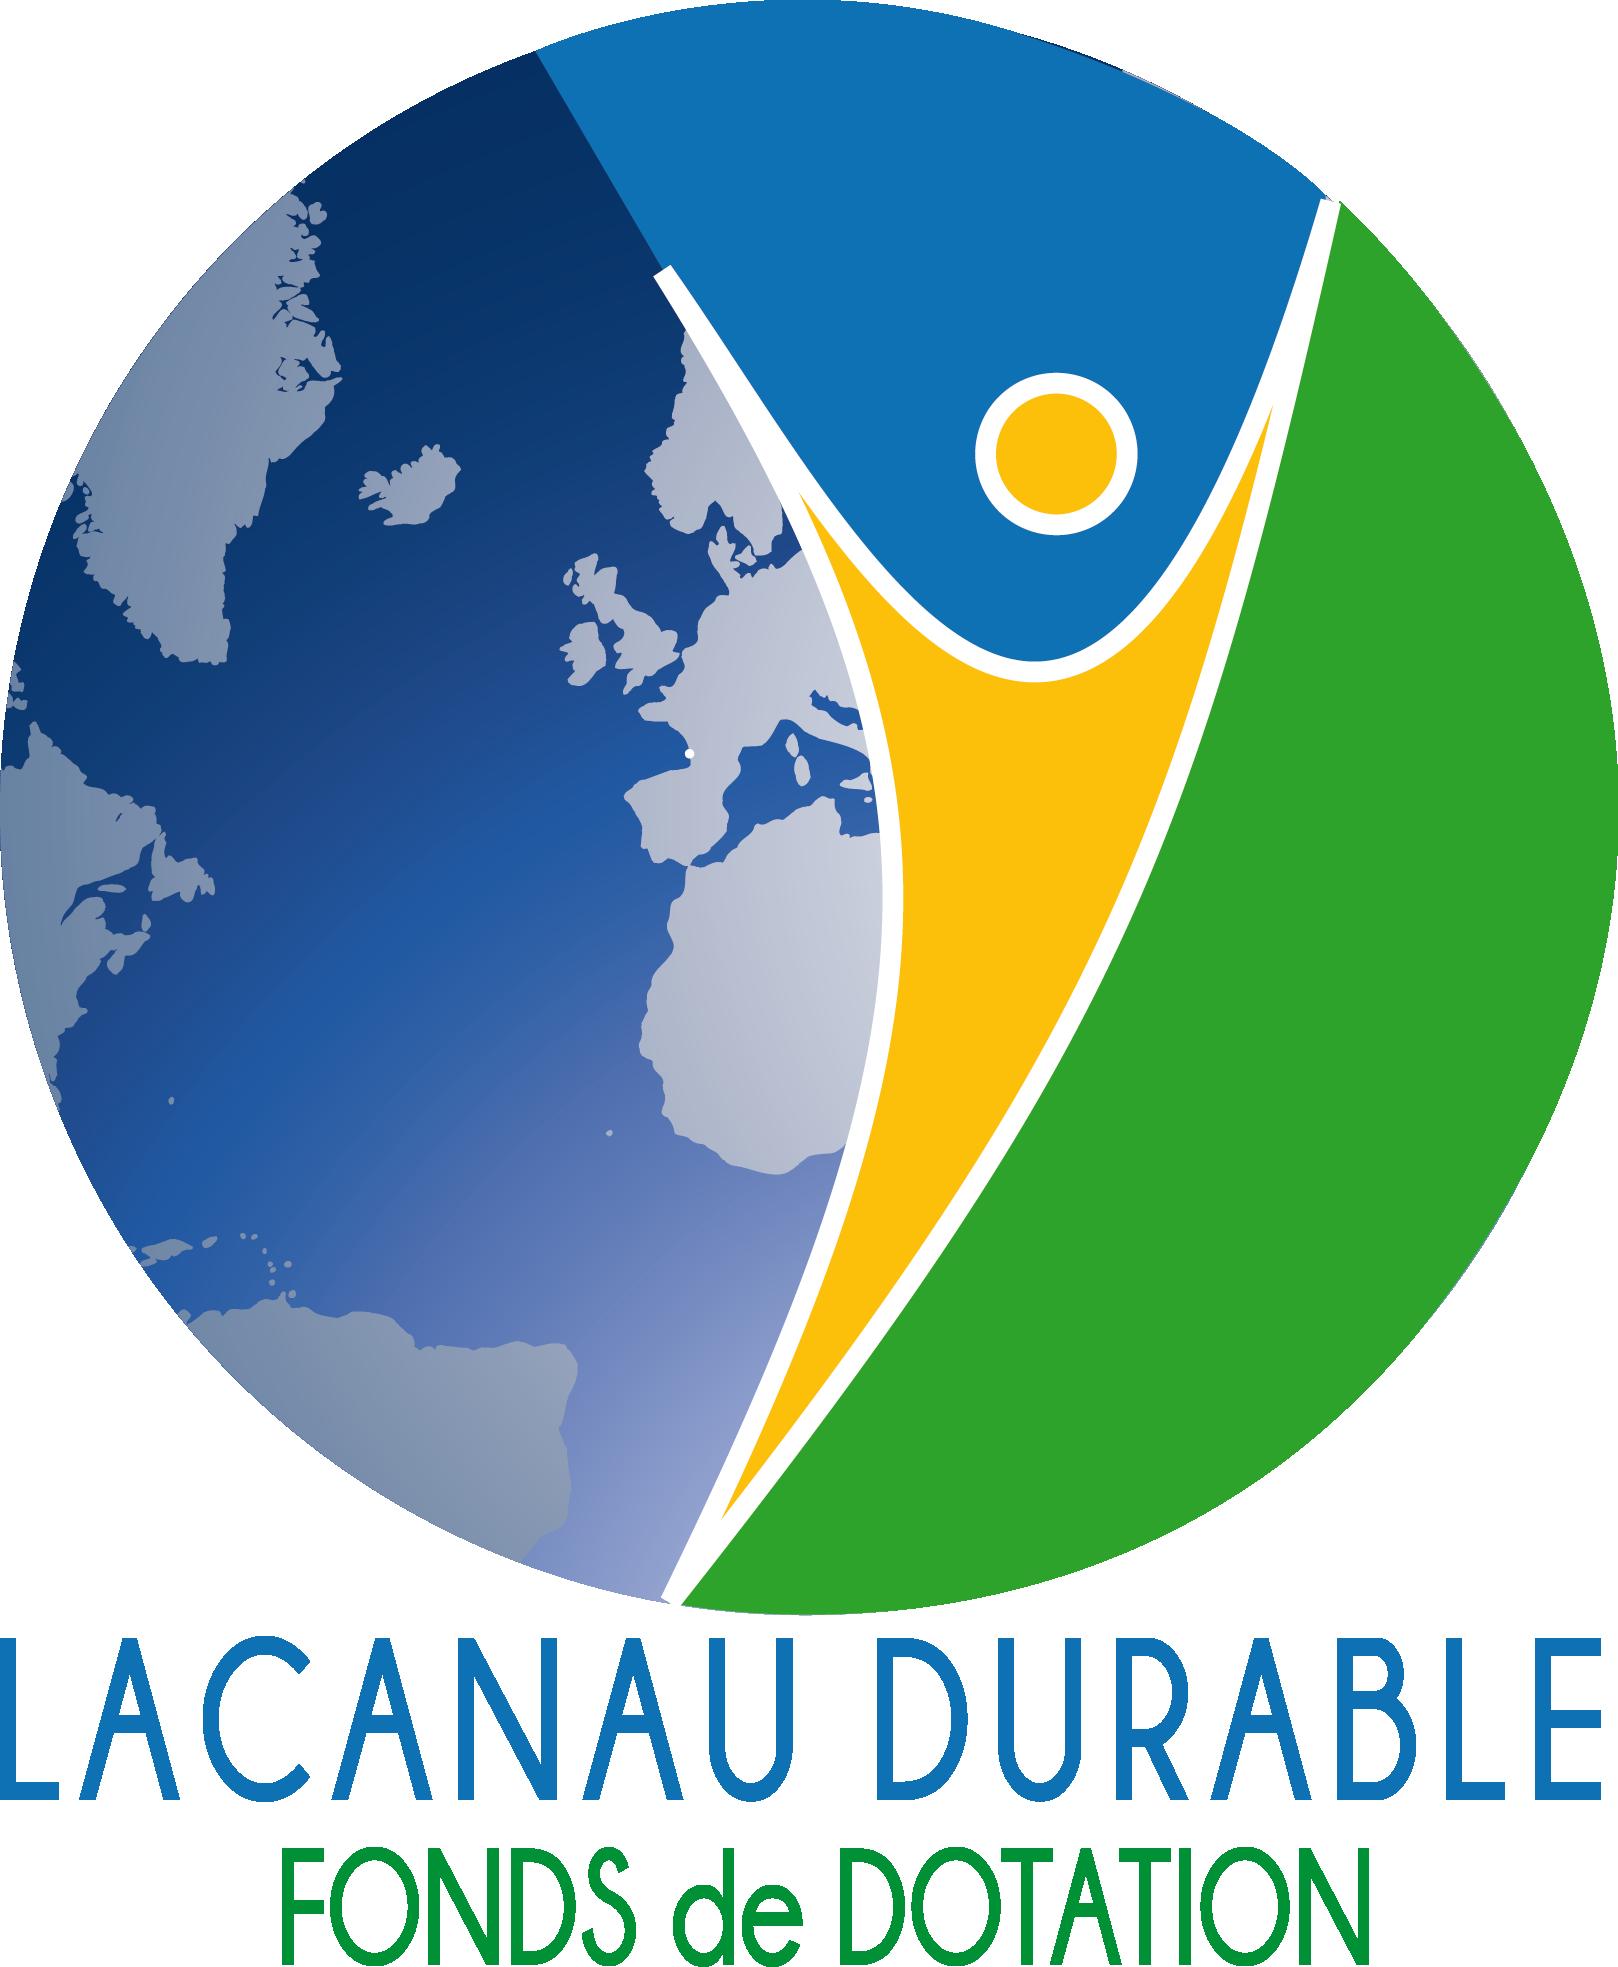 Logo Lacanau durable